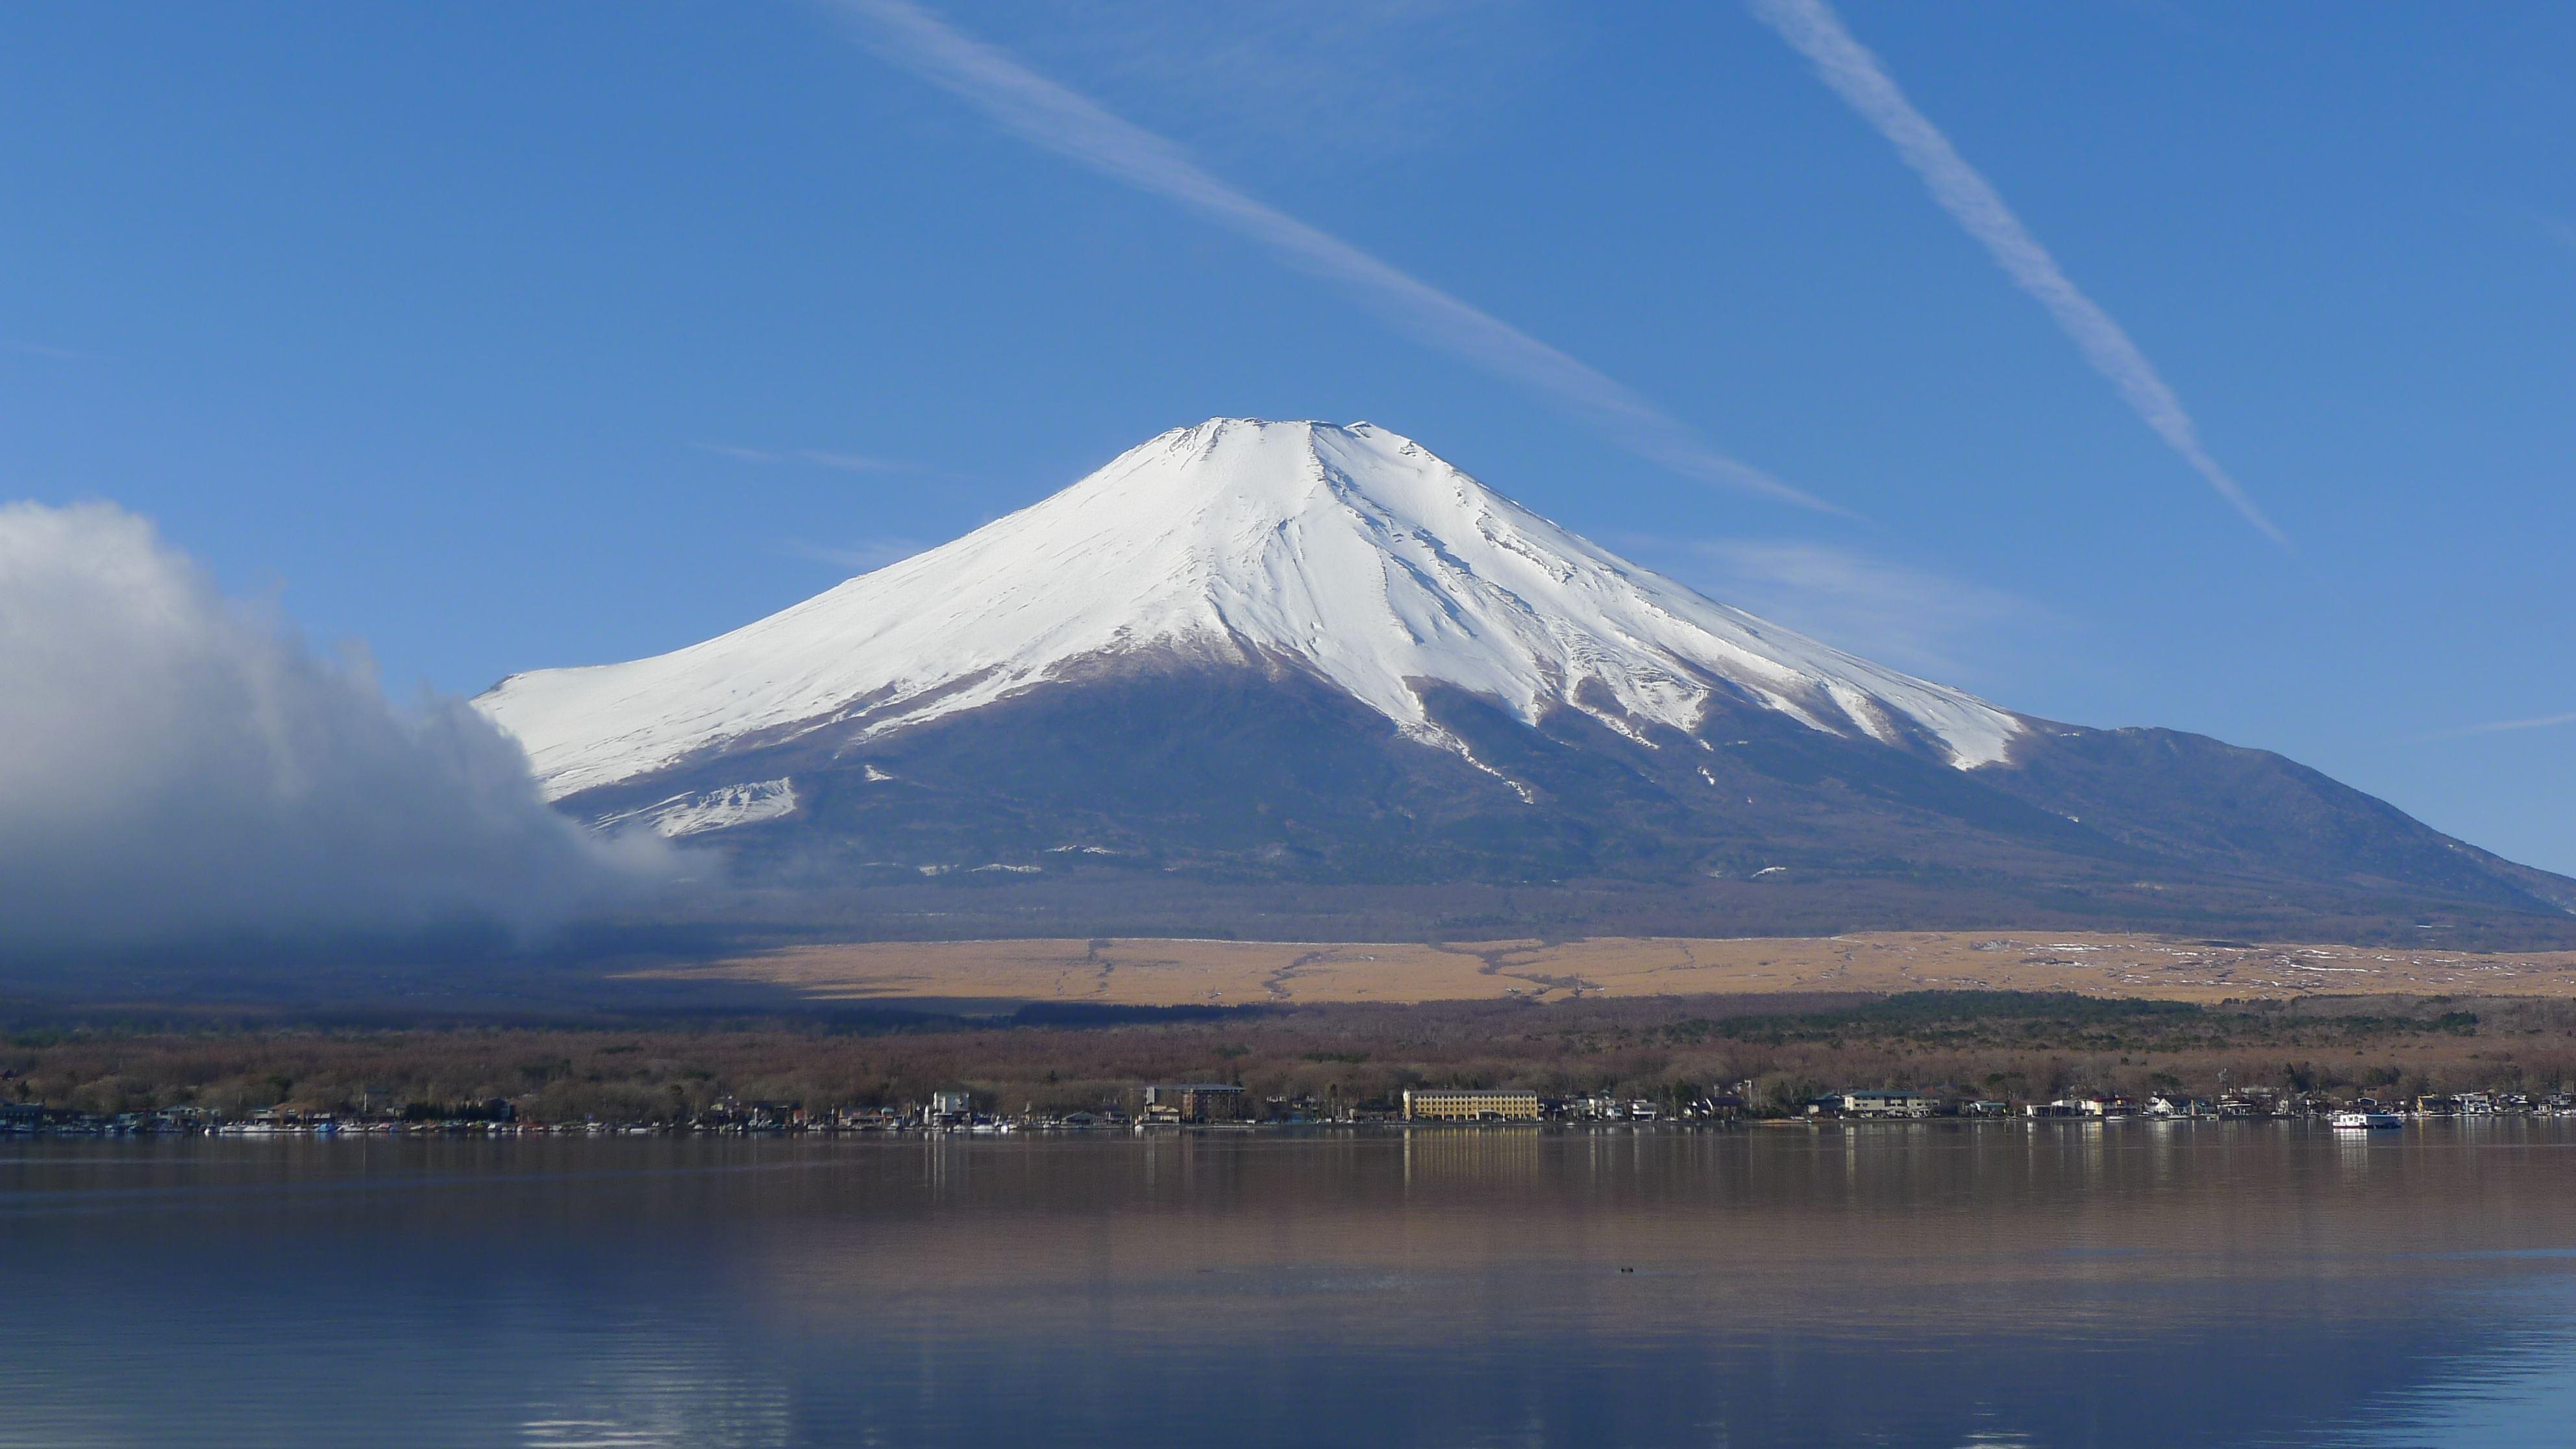 杭州培训项目  说起日本的风景名胜,往往第一个就想到了富士山.